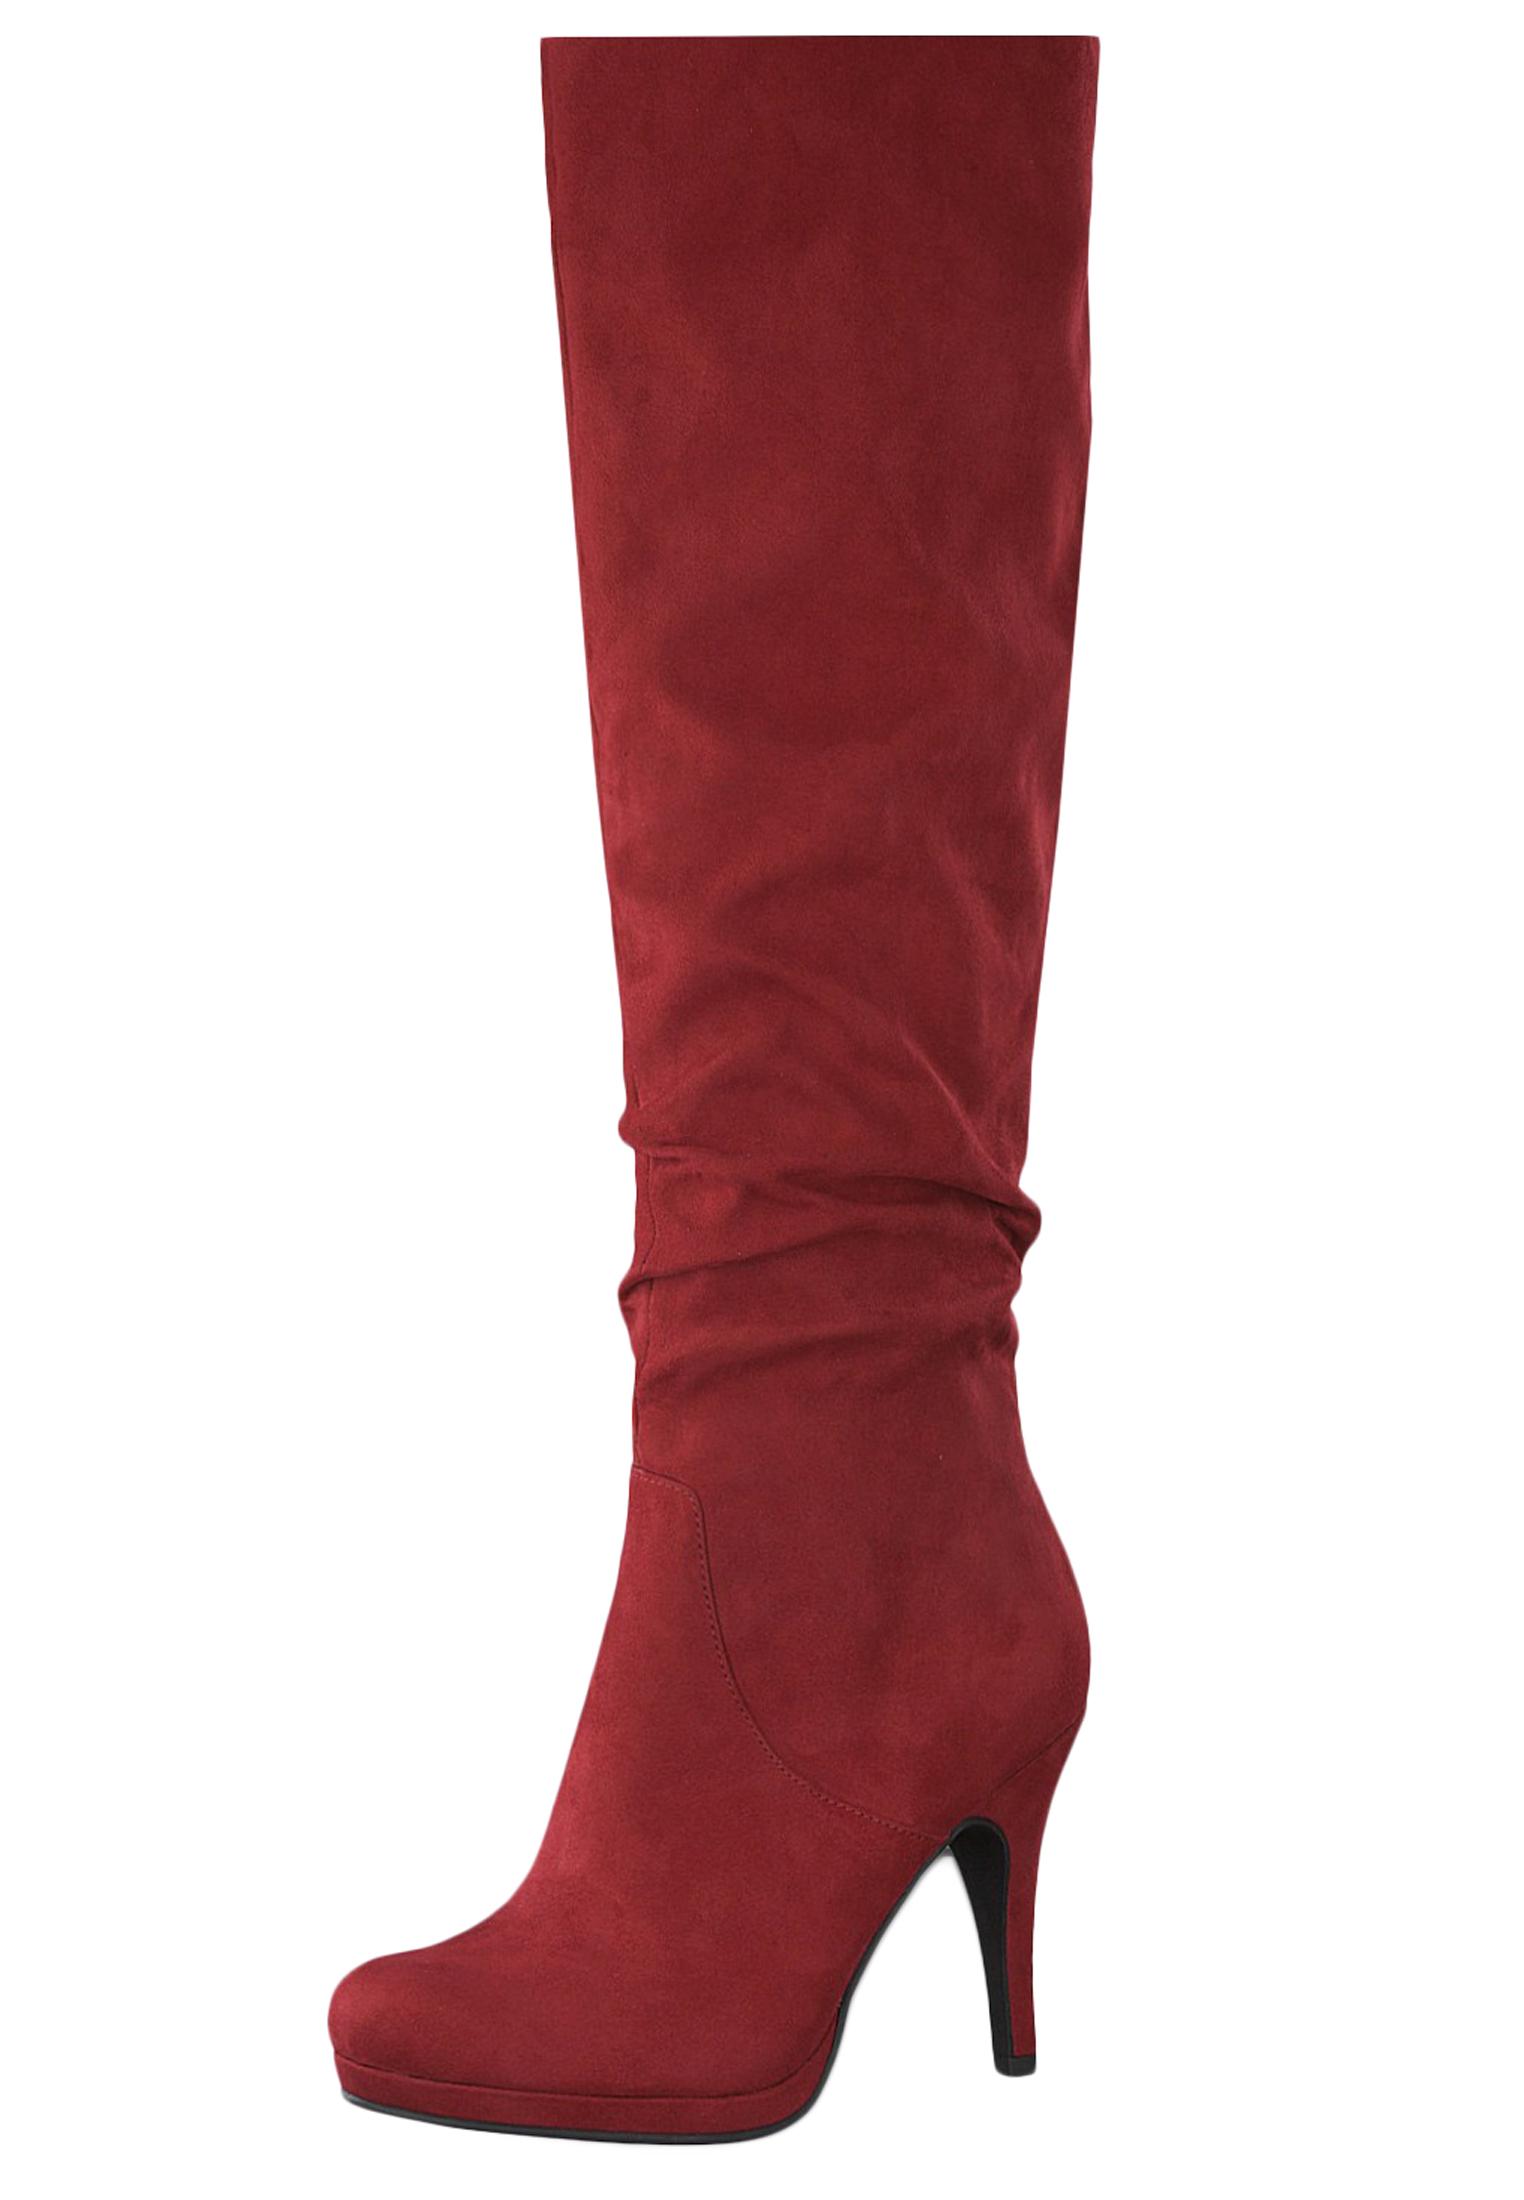 Details zu Tamaris 1 25524 23 Schuhe Damen Overknee Stiefel Langschaft